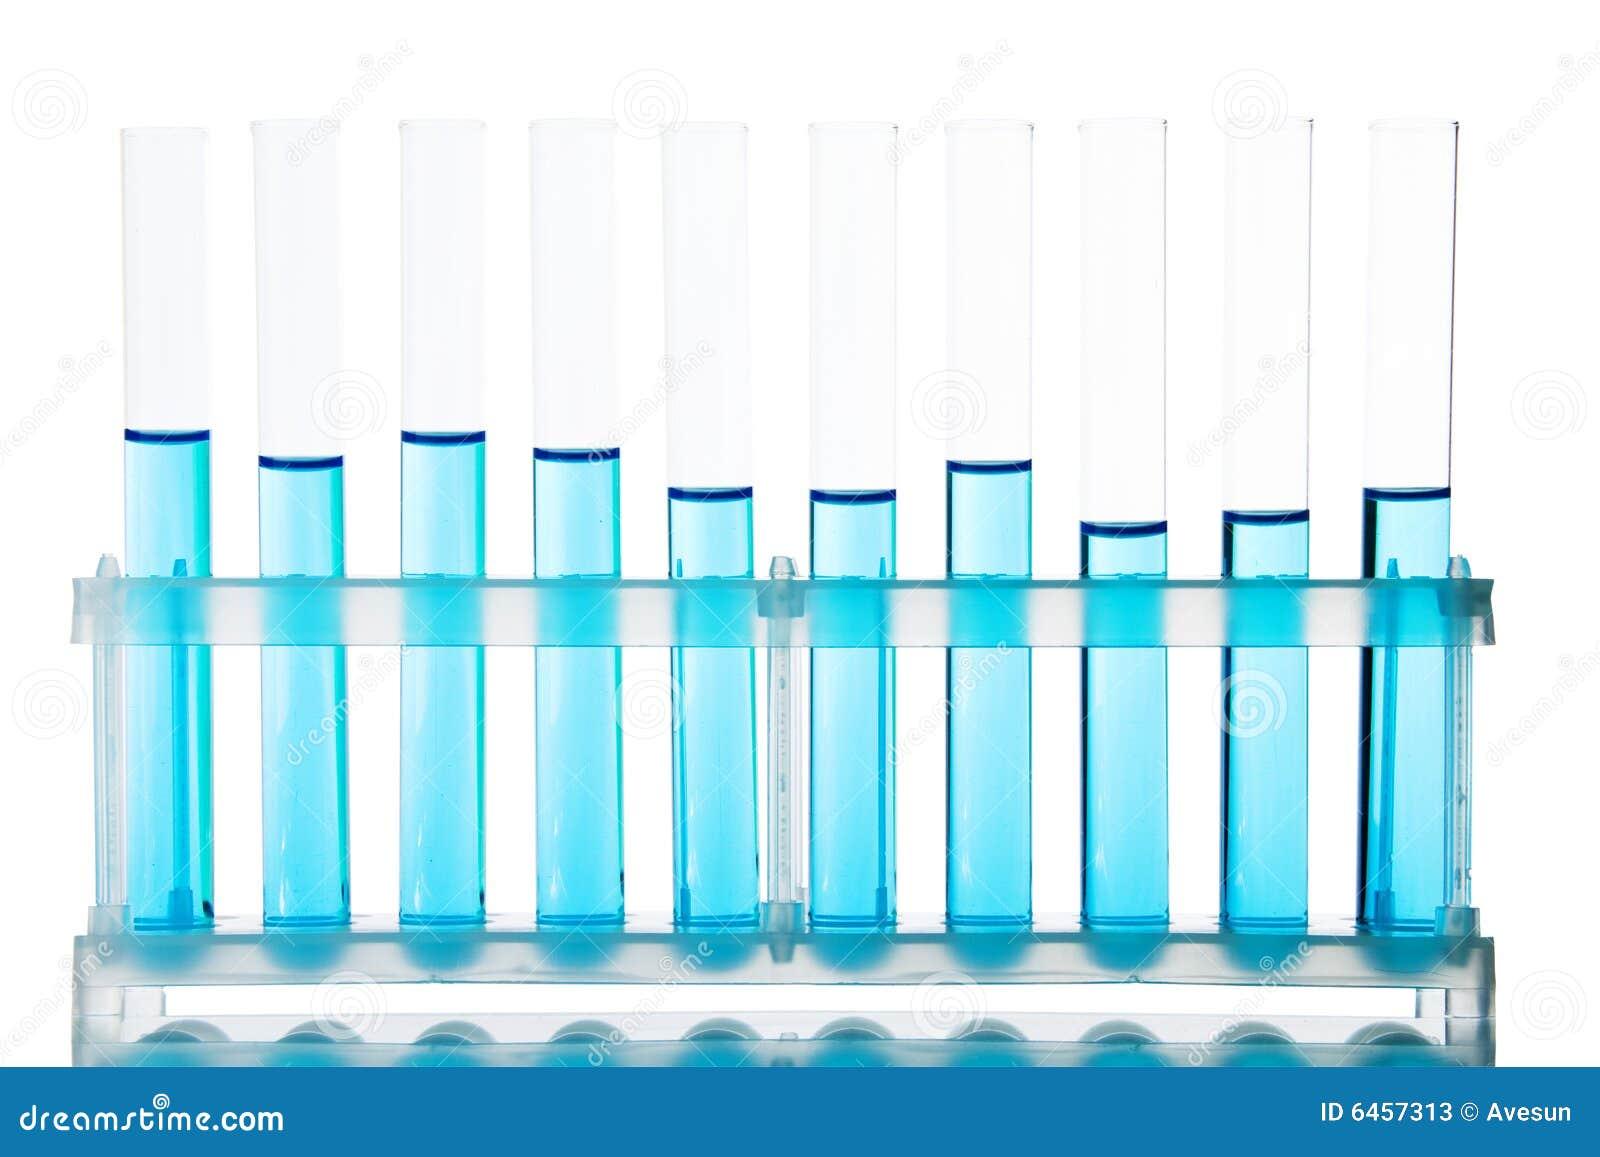 Szkło laboratoryjne chemiczny